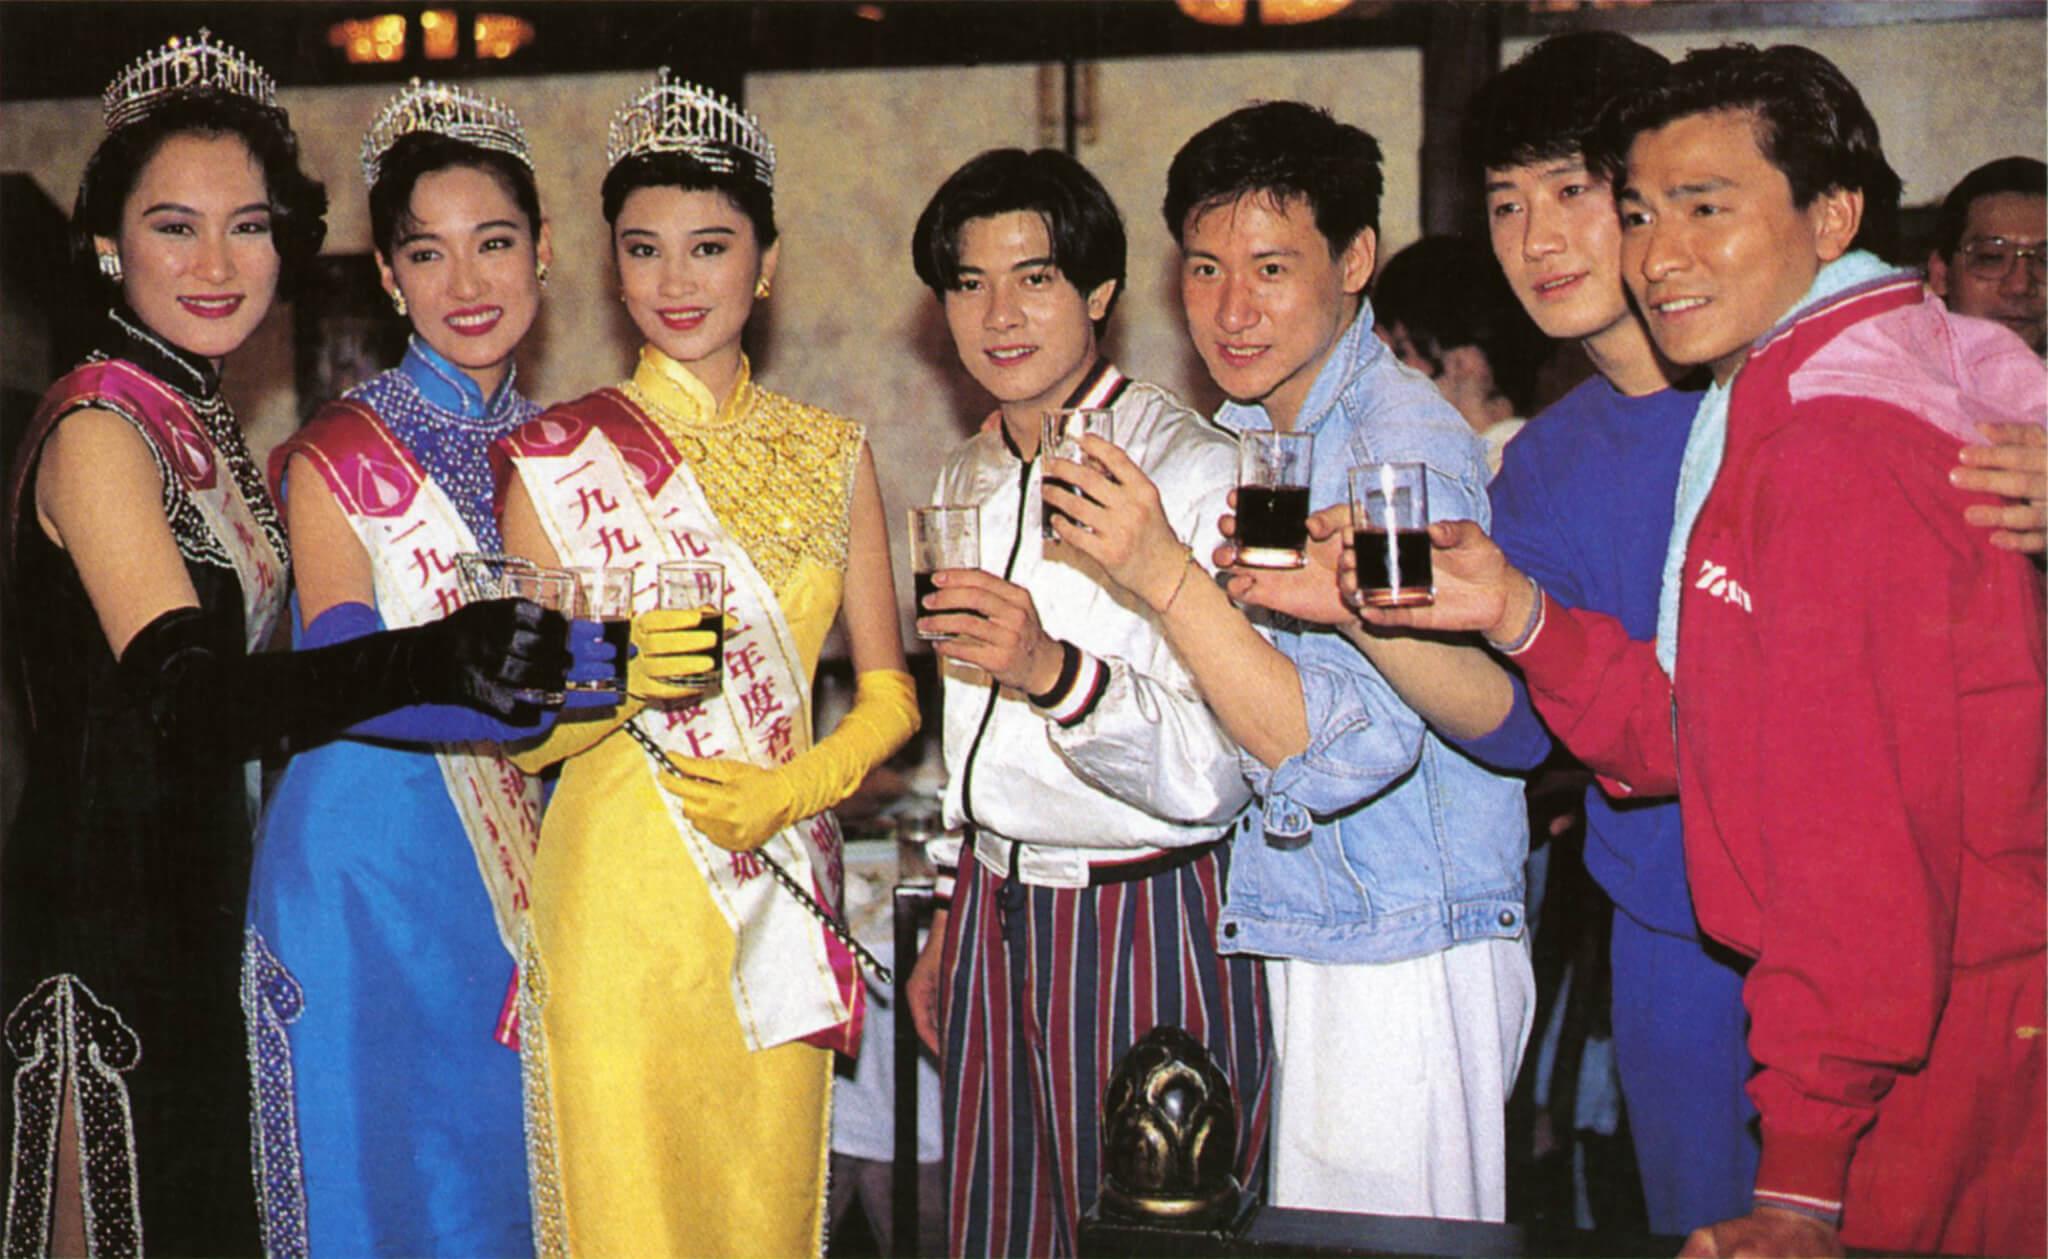 張學友、劉德華、黎明、郭富城與港姐冠軍盧淑儀、亞軍劉殷玲、季軍張雪玲攝於慶功宴。